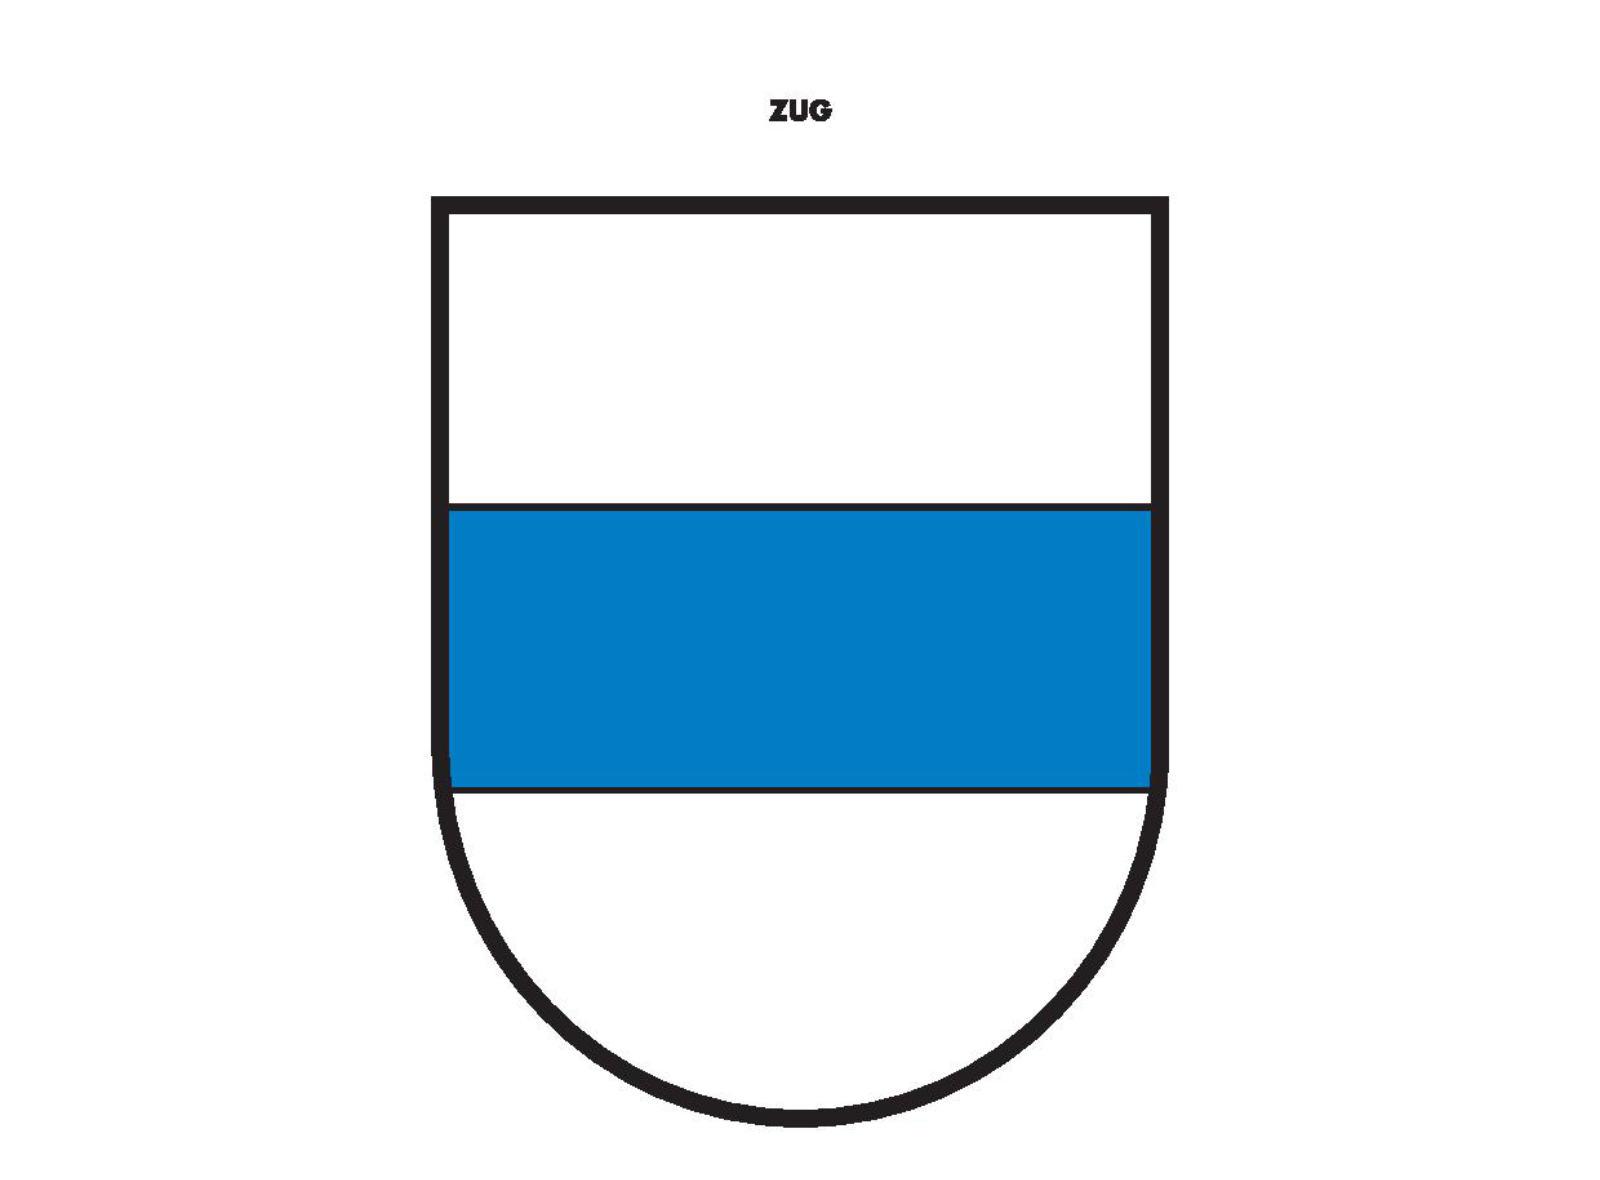 Schweizer Kantone – Zug